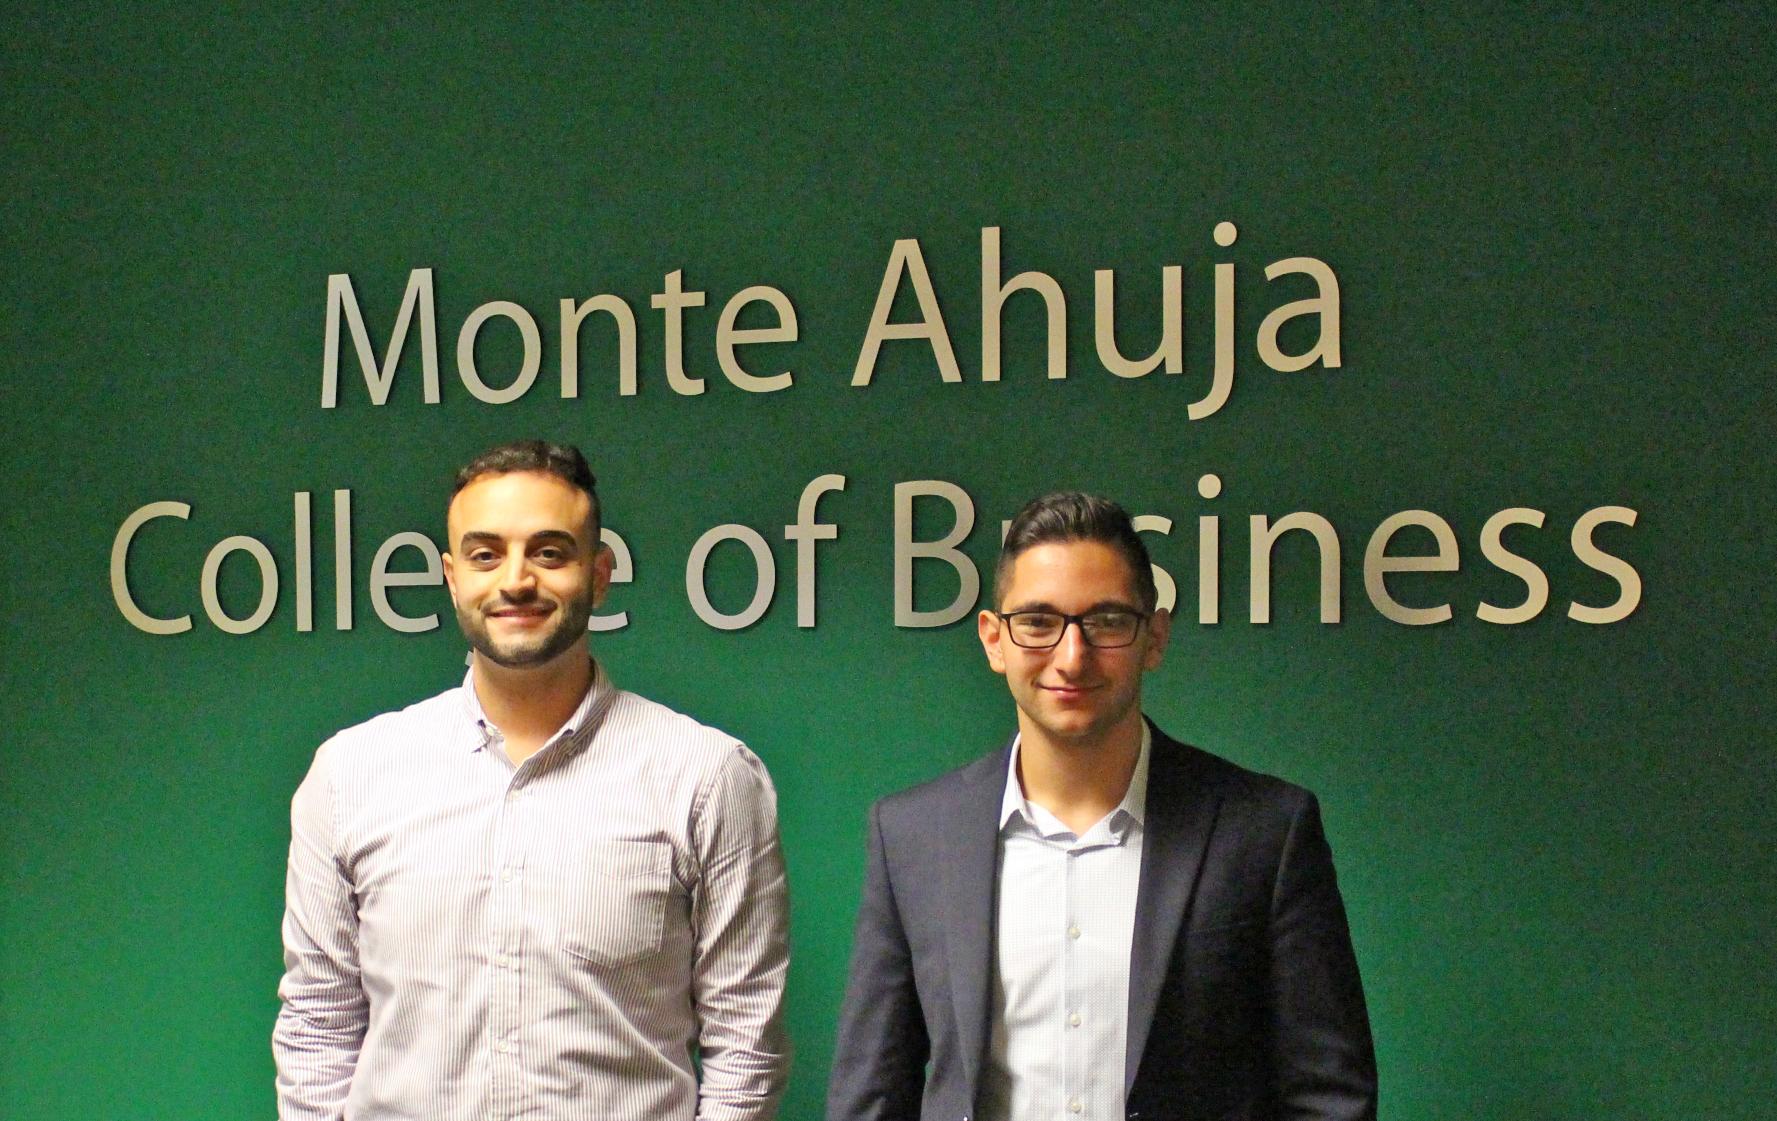 Finance Management Association - Alumni visit on October 22, 2019